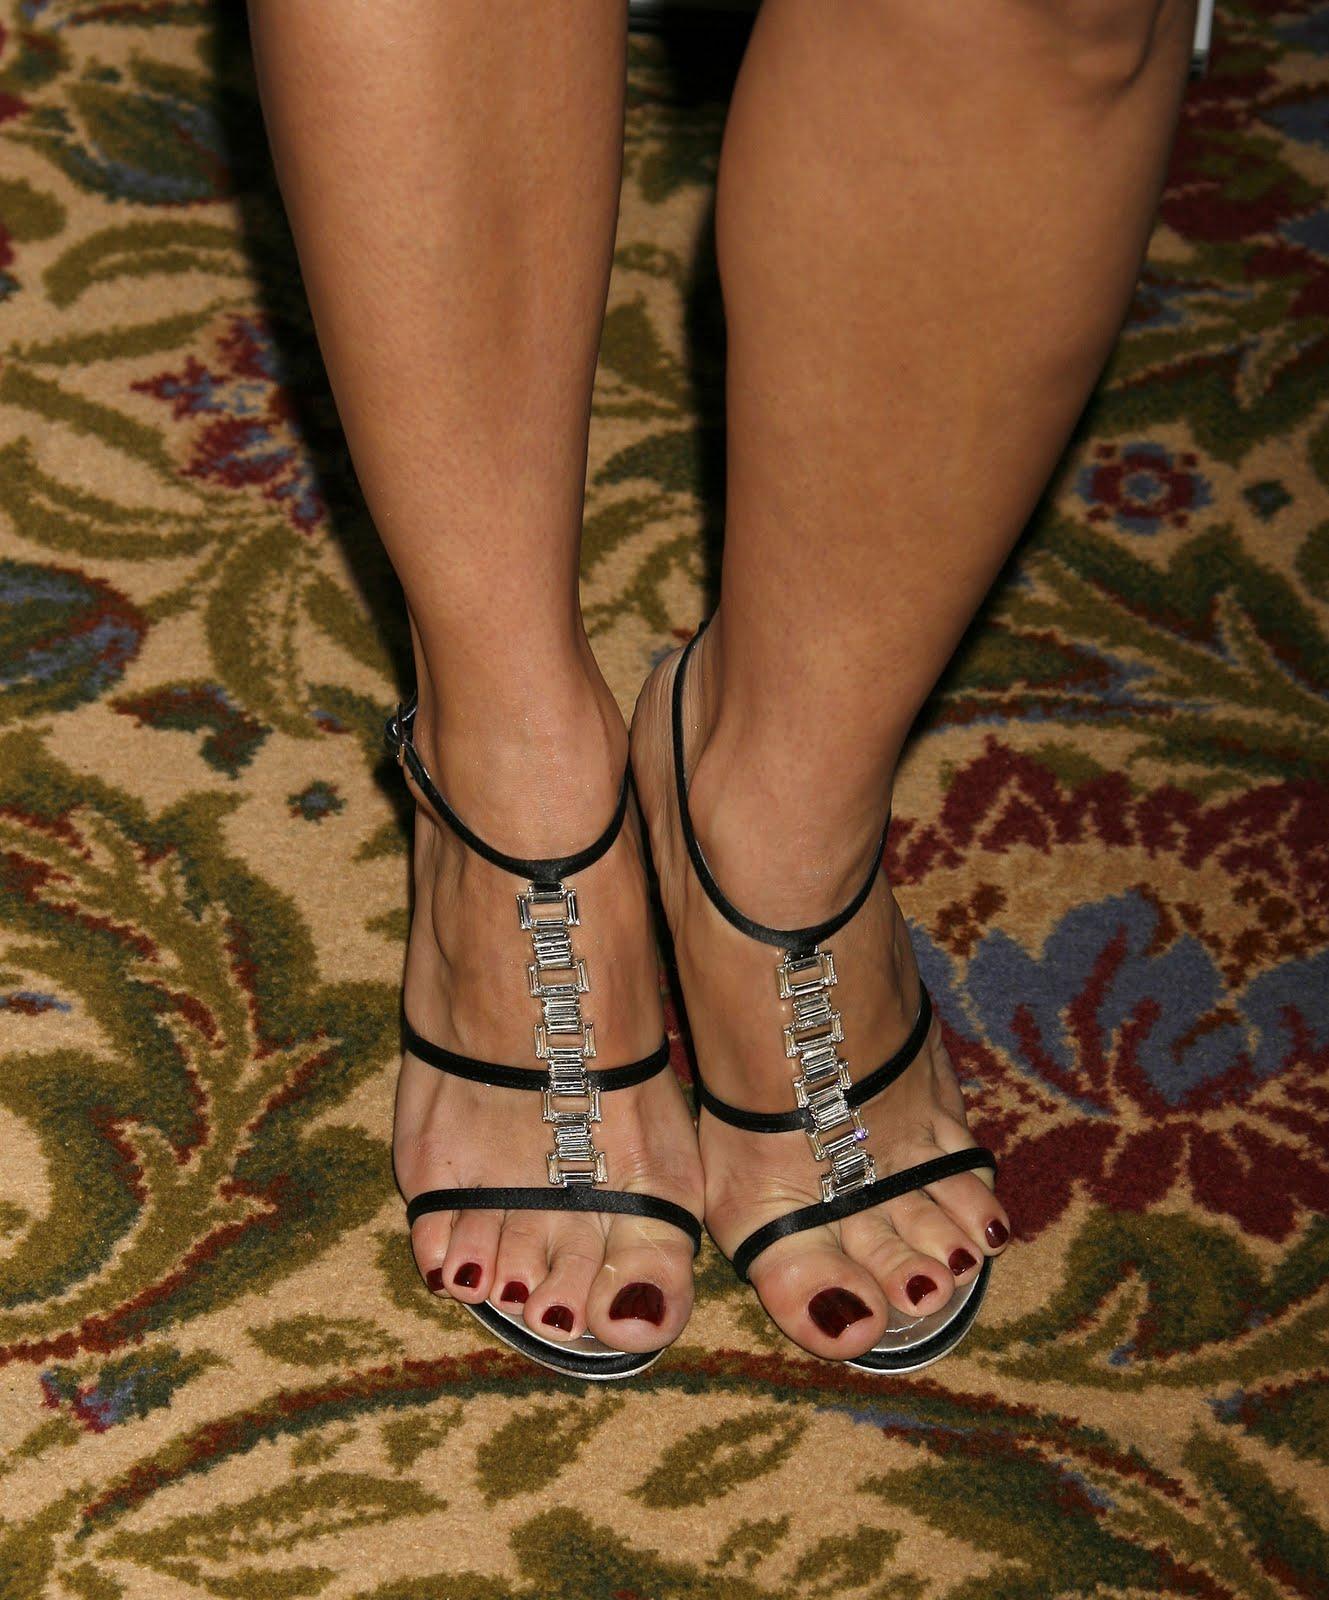 http://4.bp.blogspot.com/_UaLWp72nij4/TDep3SnBBnI/AAAAAAAAQ2o/UenEN6ypTE8/s1600/roselyn-sanchez-feet.jpg